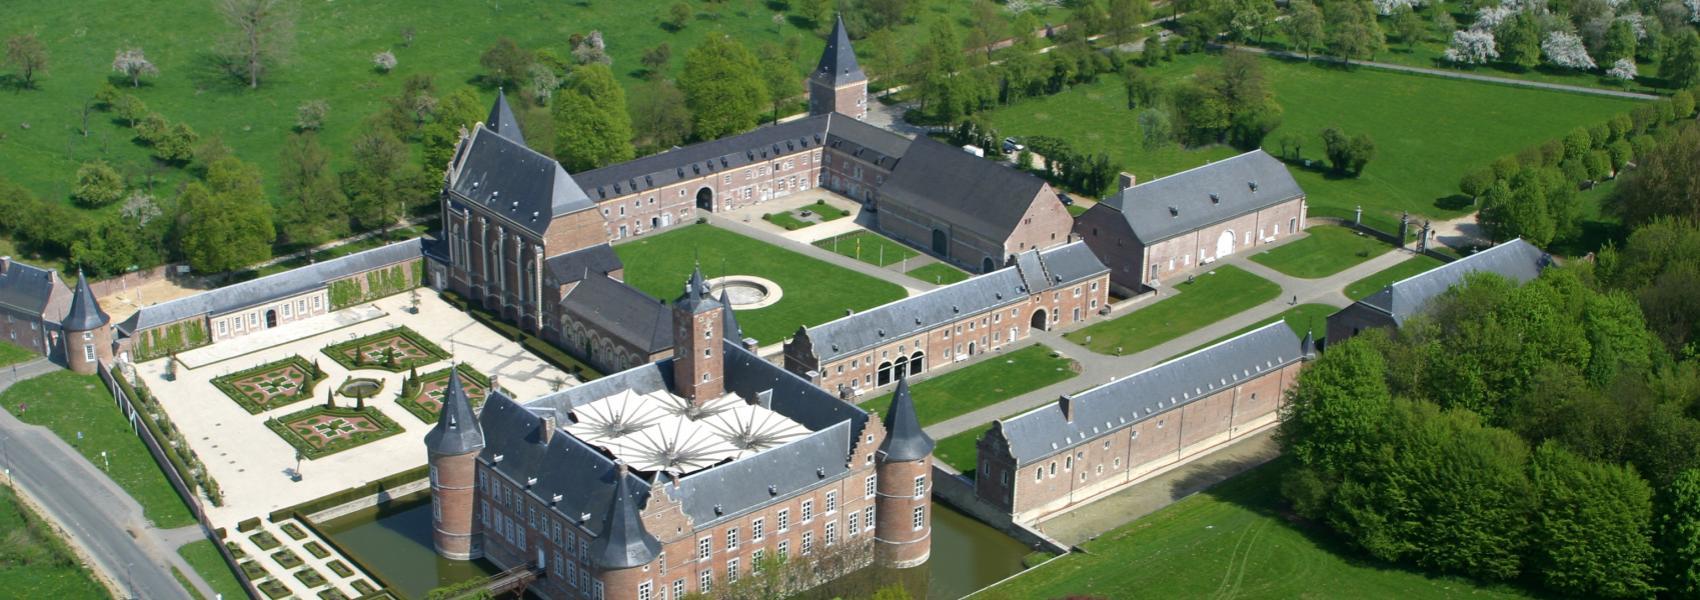 luchtfoto van het kasteeldomein